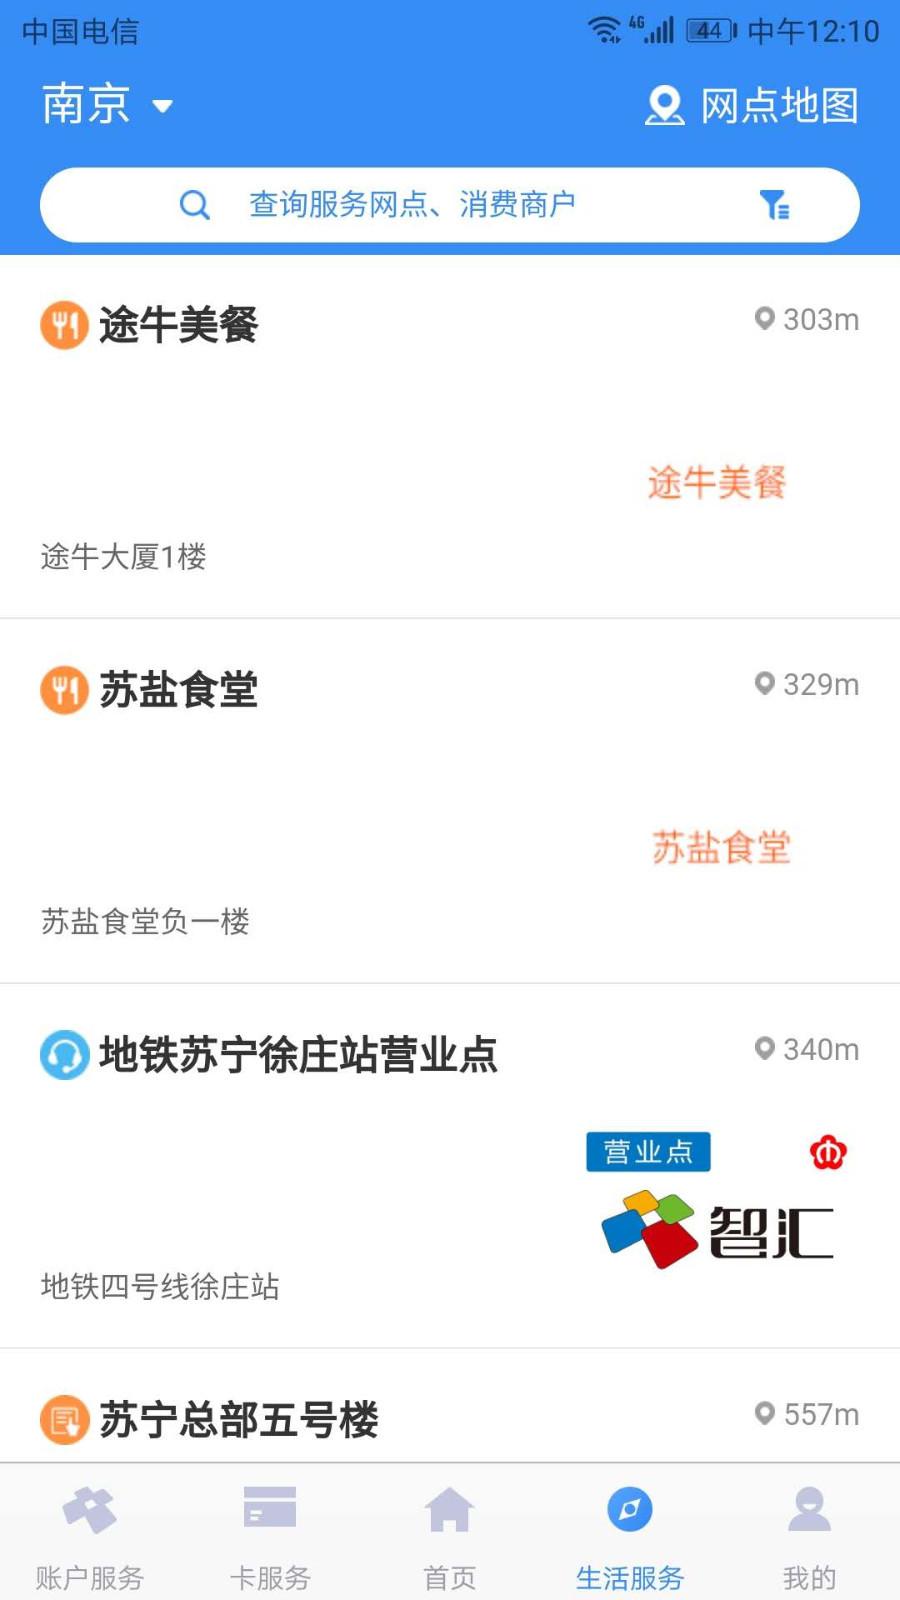 智汇市民卡 V3.4.1 安卓版截图2